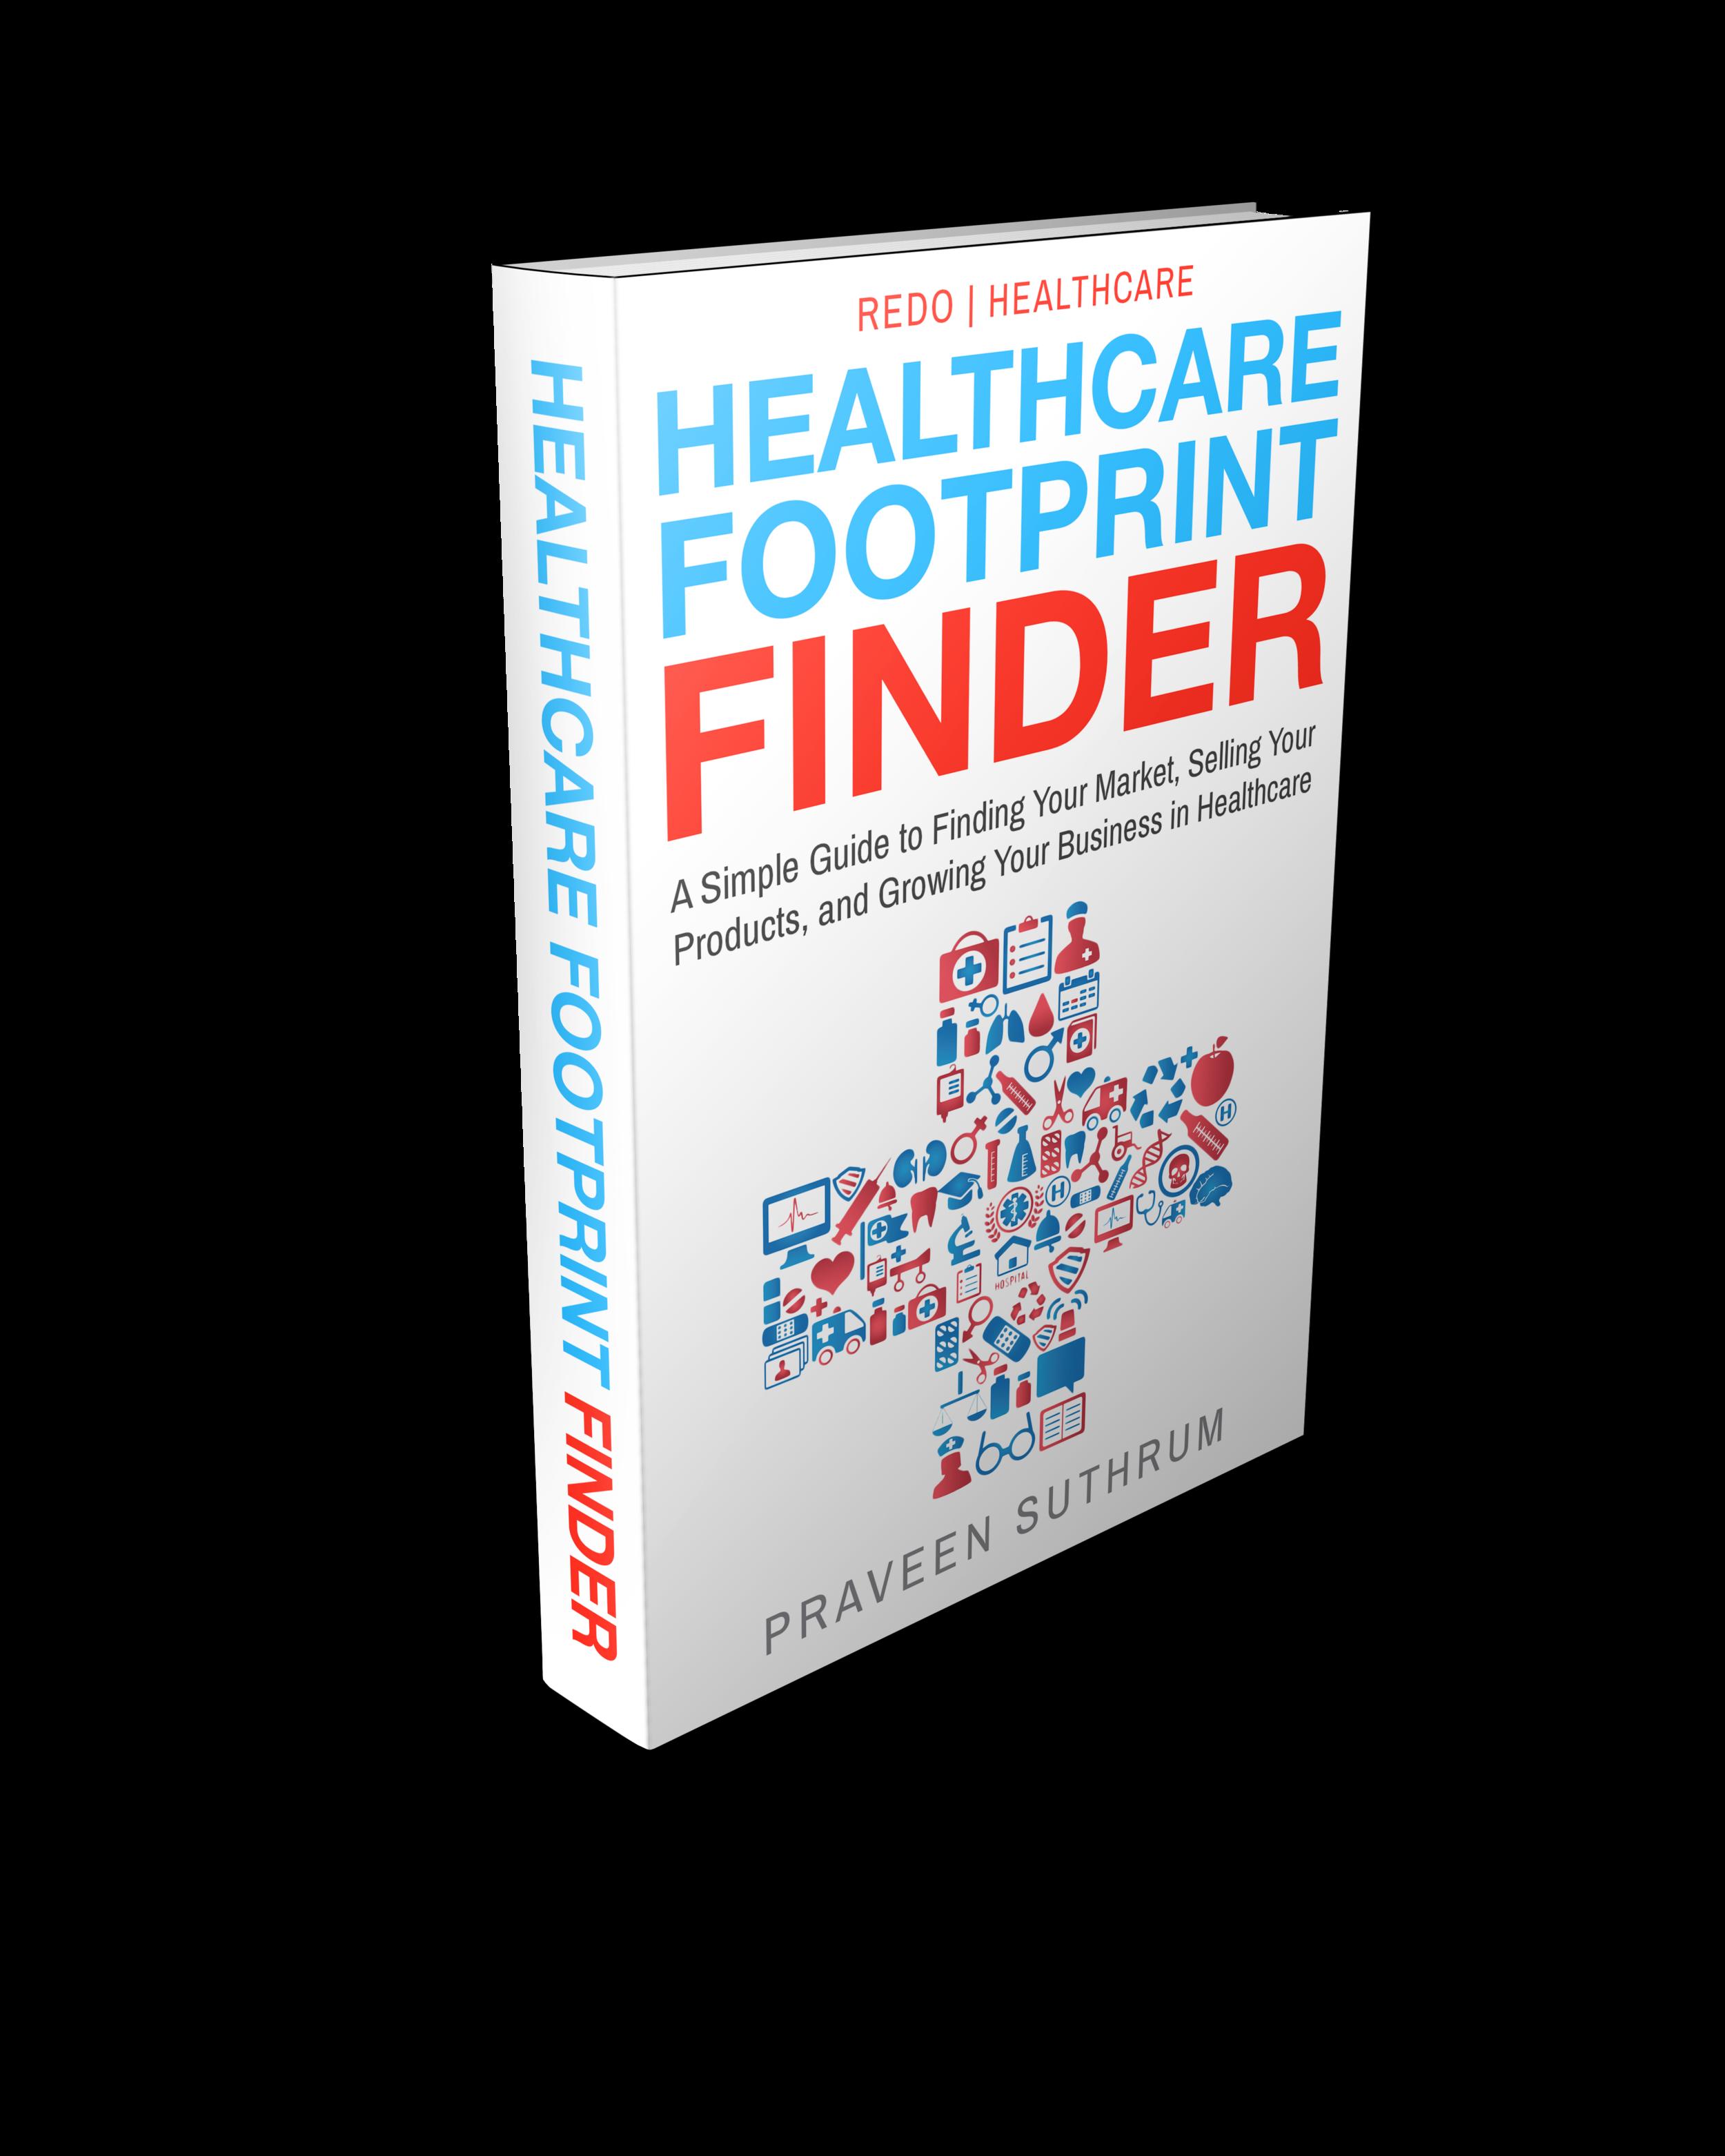 healthcare_footprint_finder